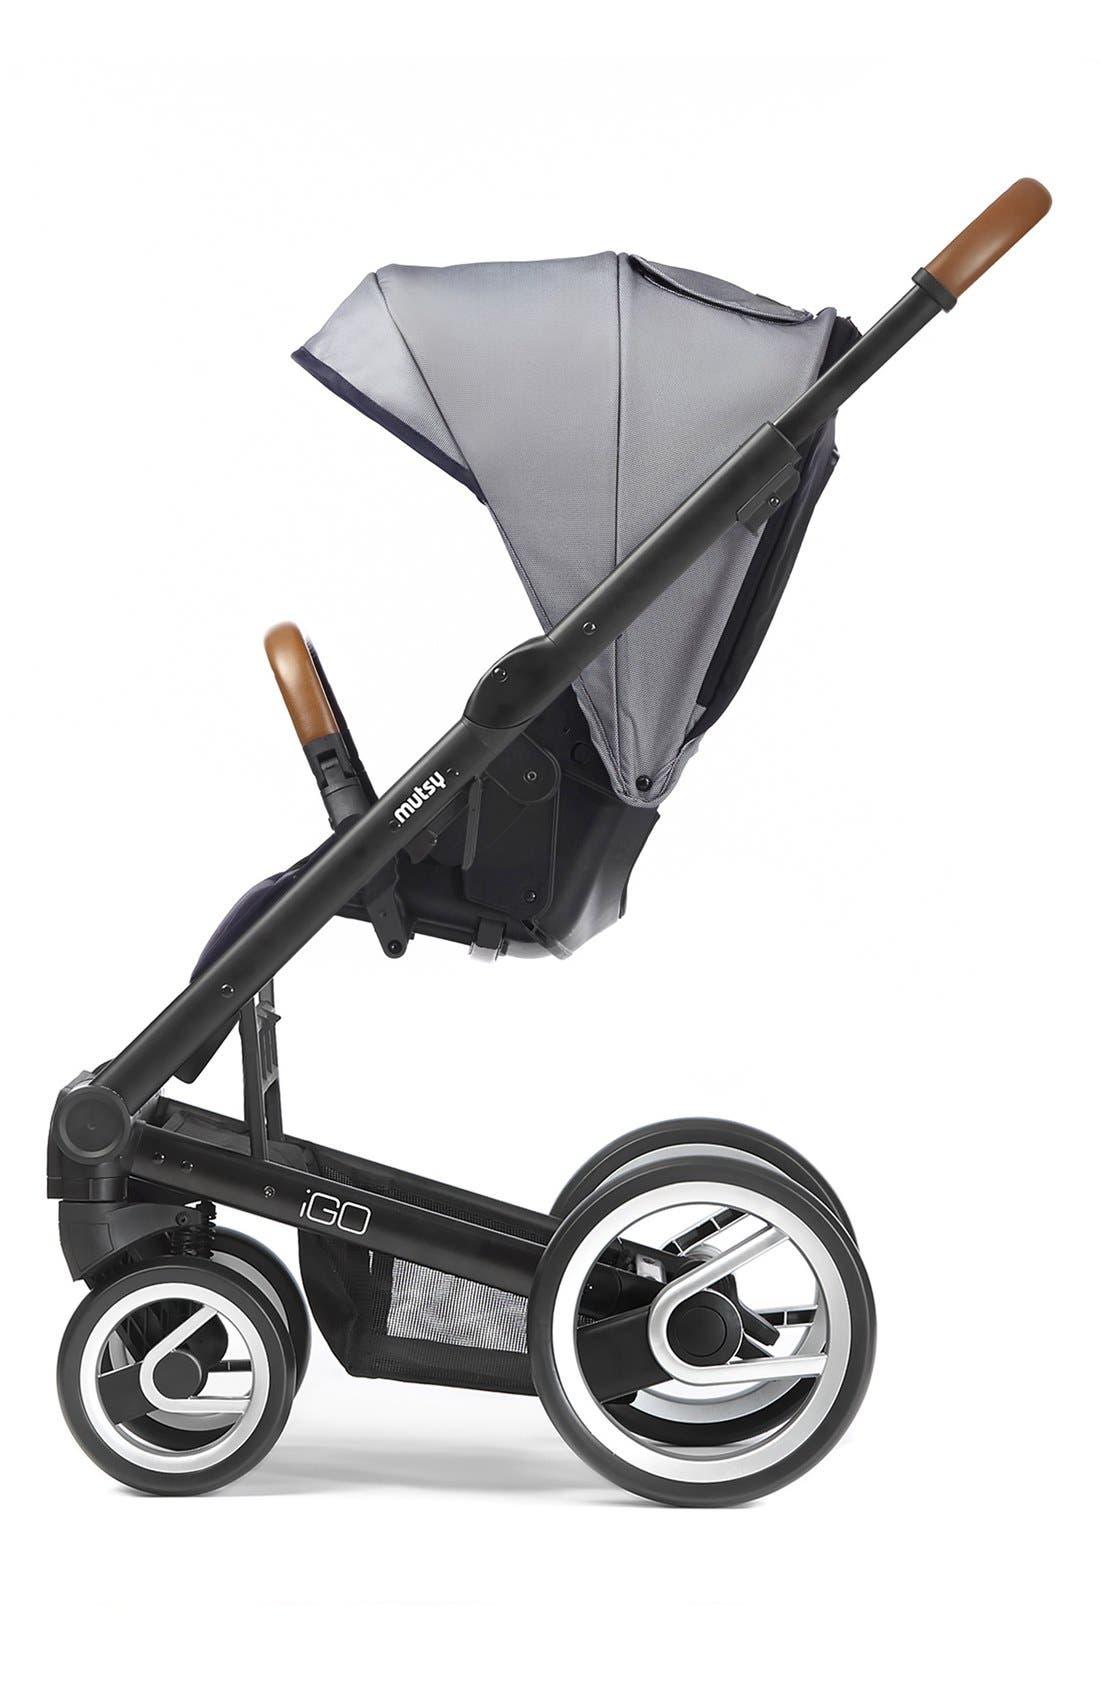 Igo - Urban Nomad Stroller,                         Main,                         color, Black/ White/ Blue